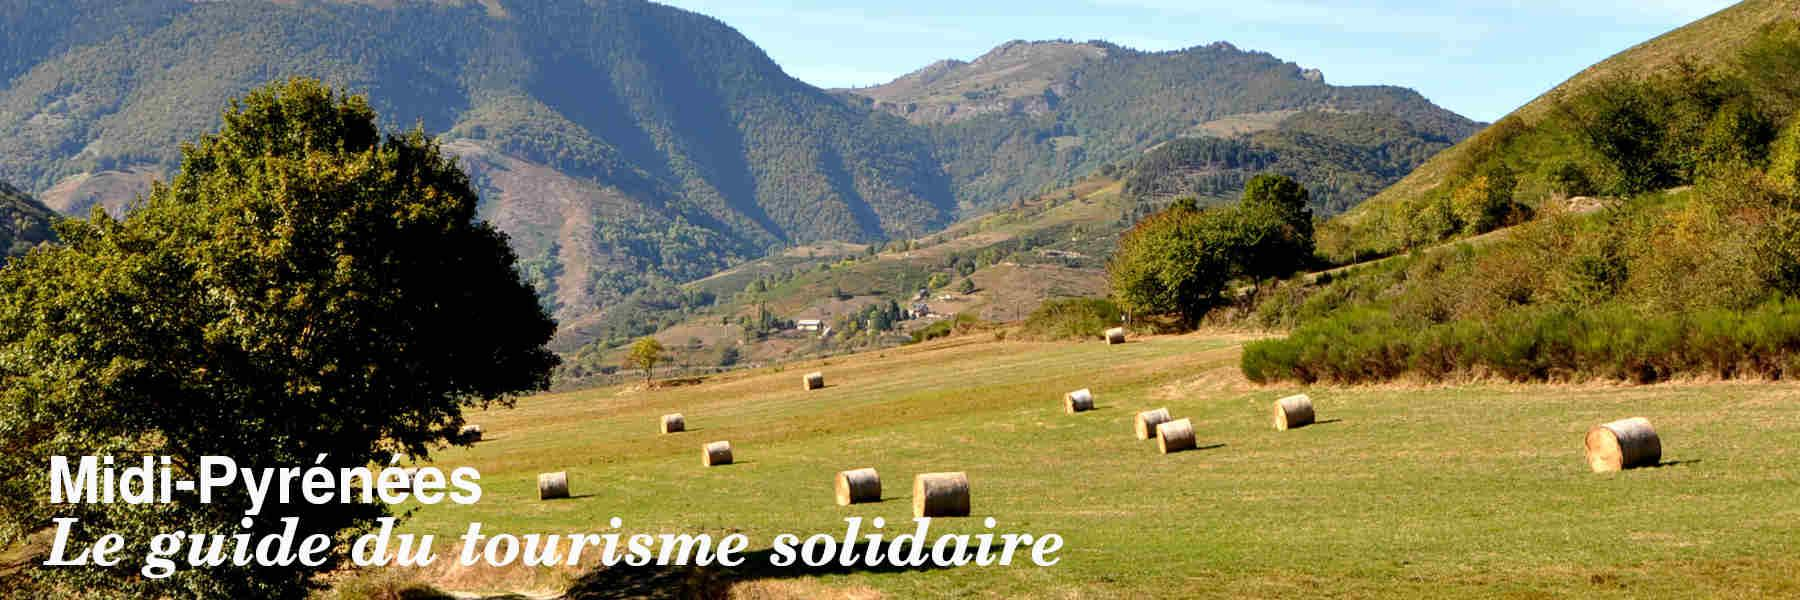 Le guide du tourisme solidaire en Midi-Pyrénées